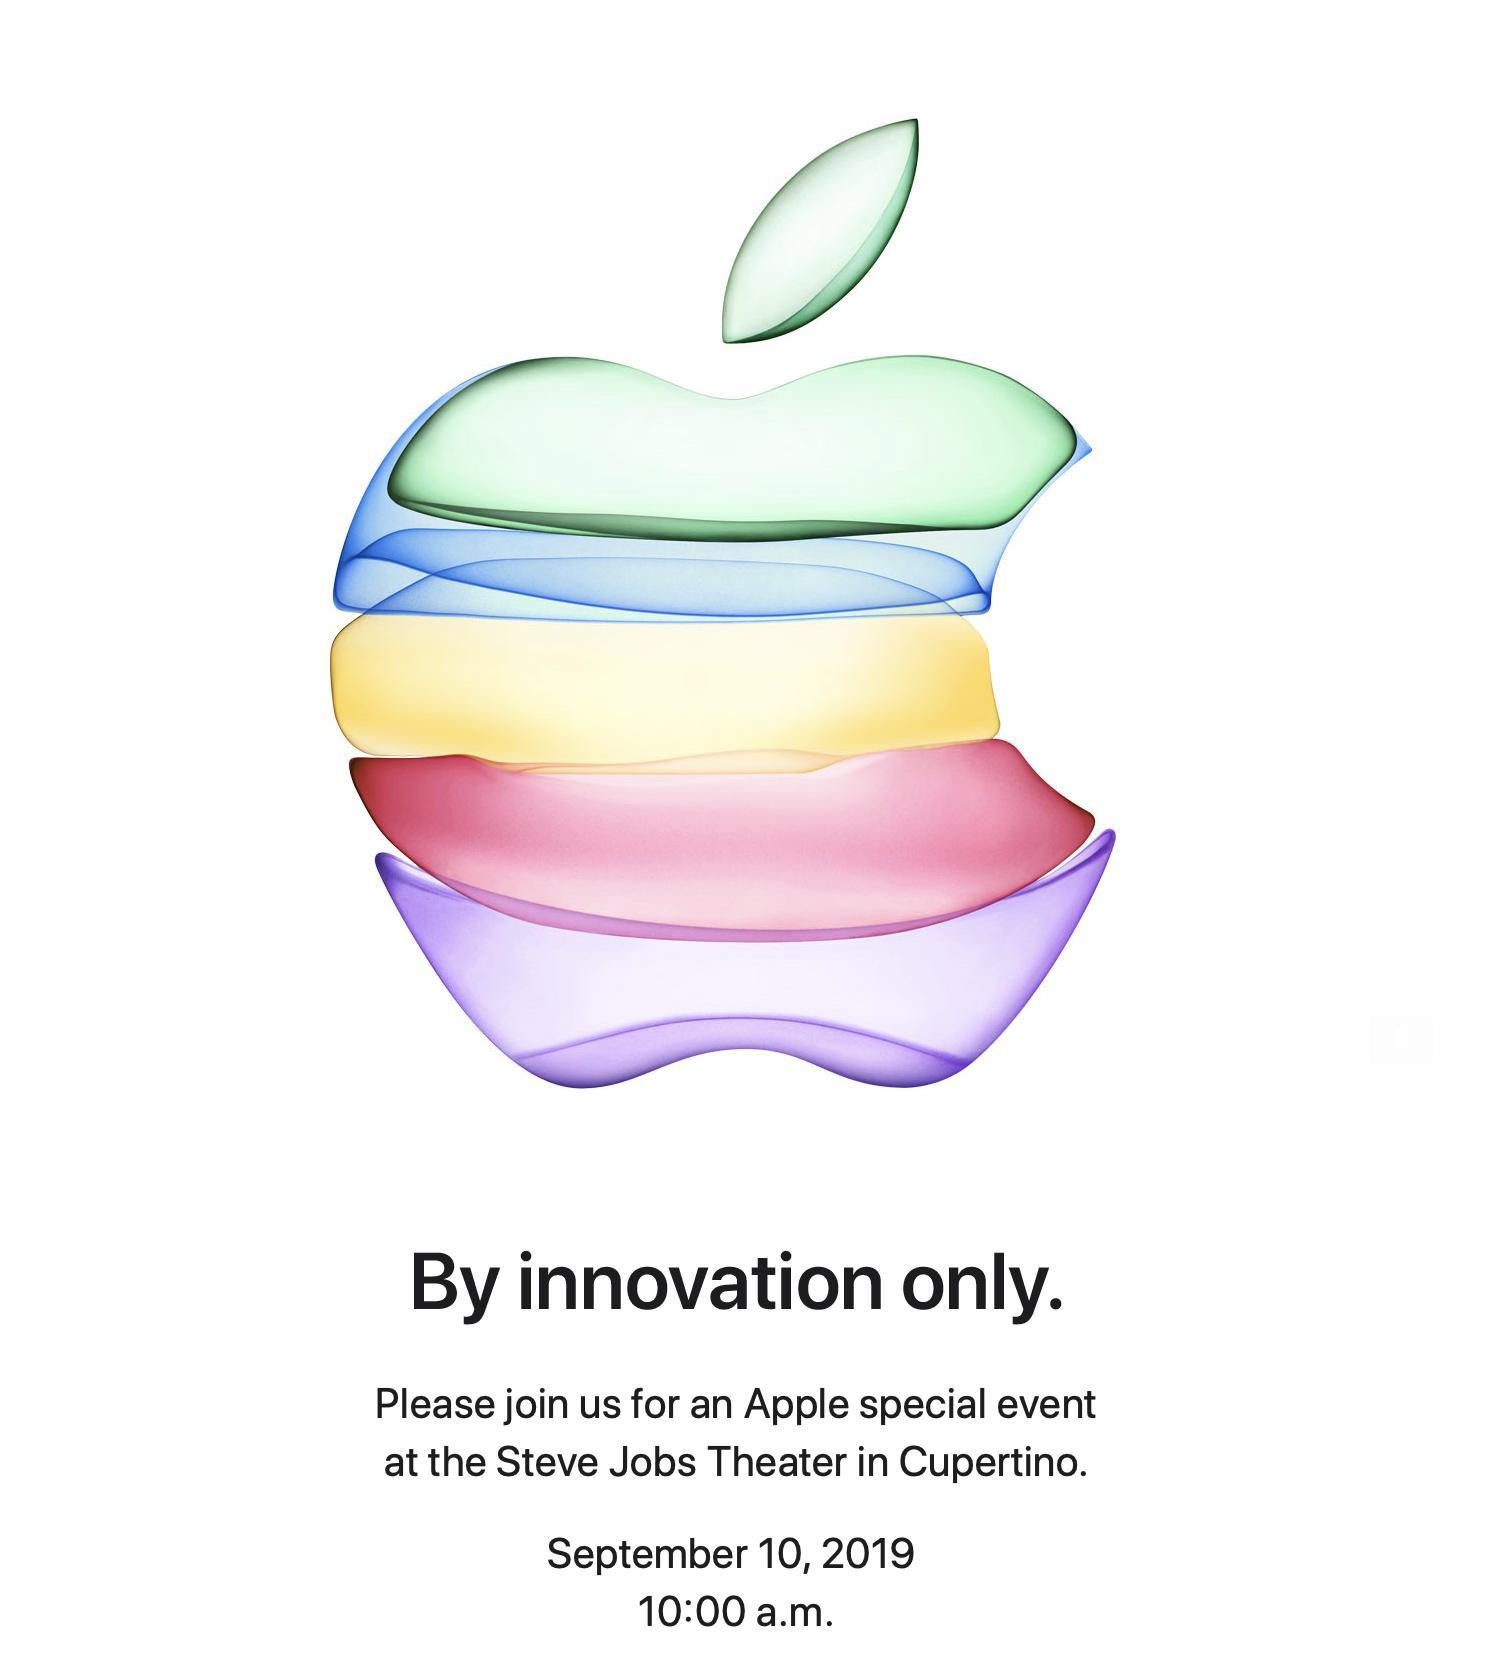 Invitación para el evento de presentación del iPhone 11 el 10 de septiembre de 2019